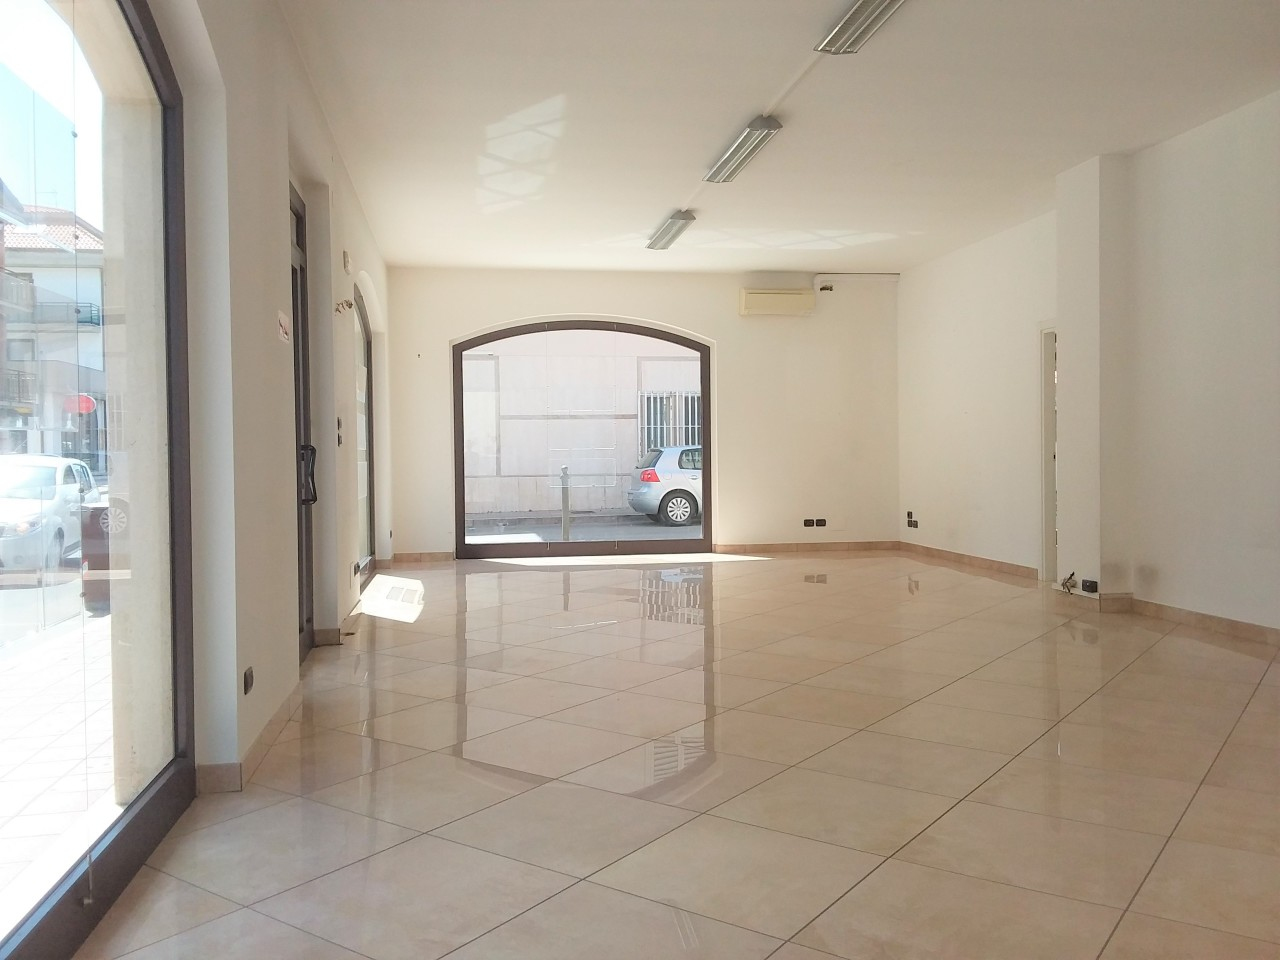 Locale commerciale - Oltre 3 vetrine a Porto d'Ascoli, San Benedetto del Tronto